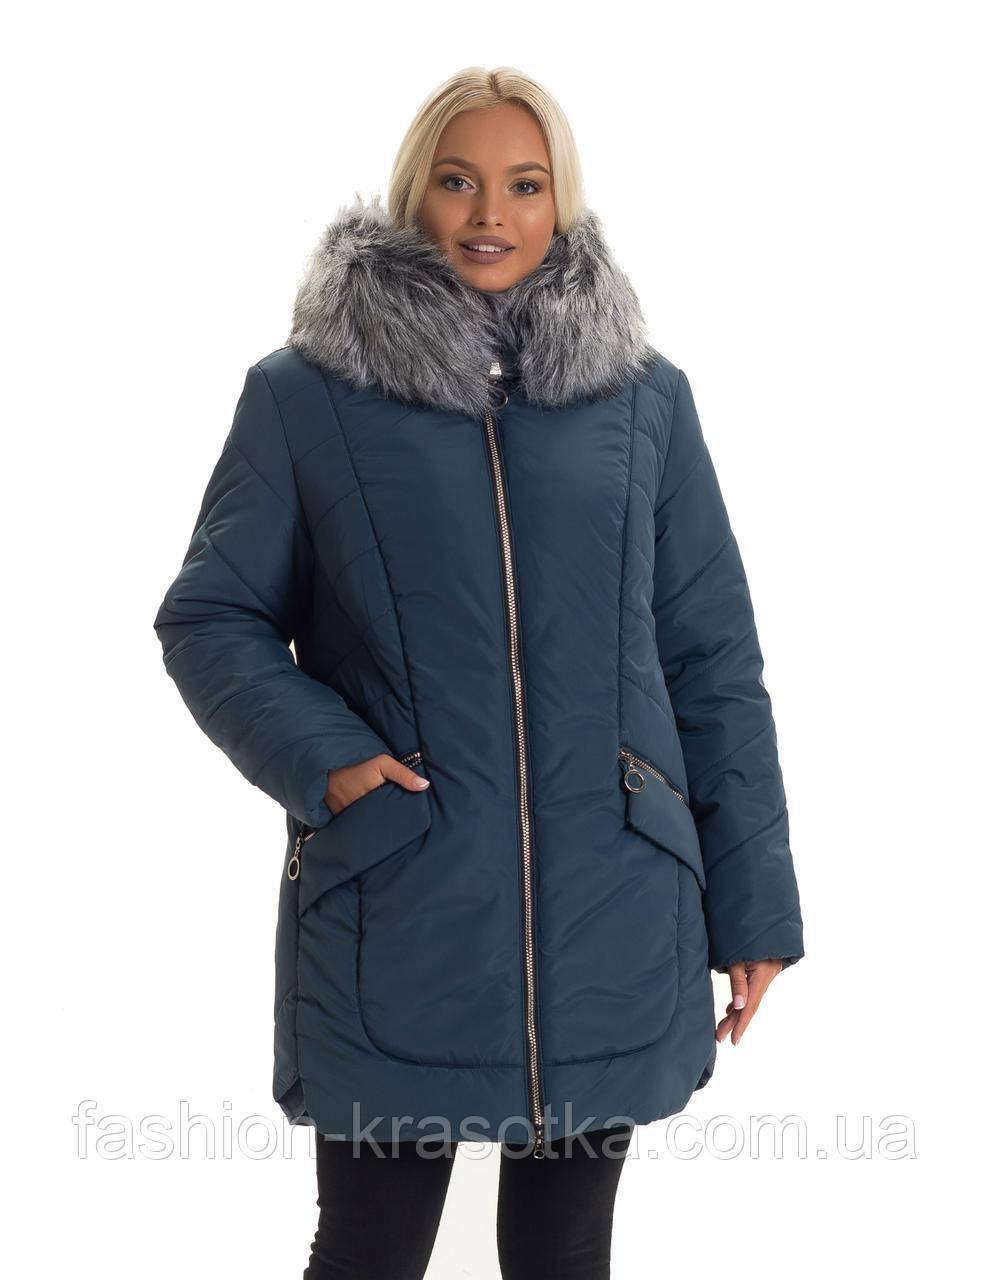 Женская зимняя куртка больших размеров:50-62.